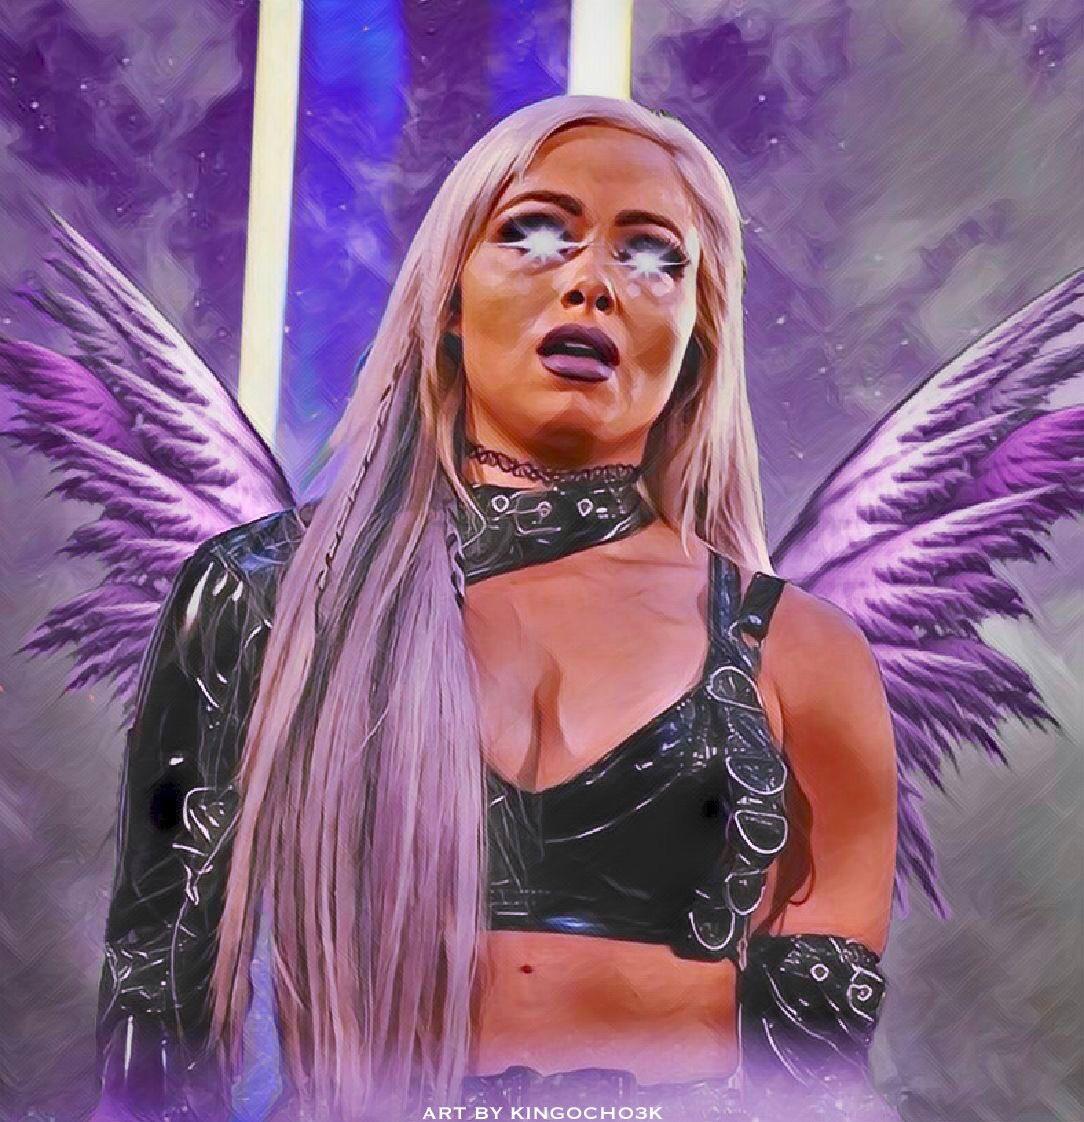 Here's my latest artwork I made of @YaOnlyLivvOnce.I hope you guys like it.#WWE #fanart